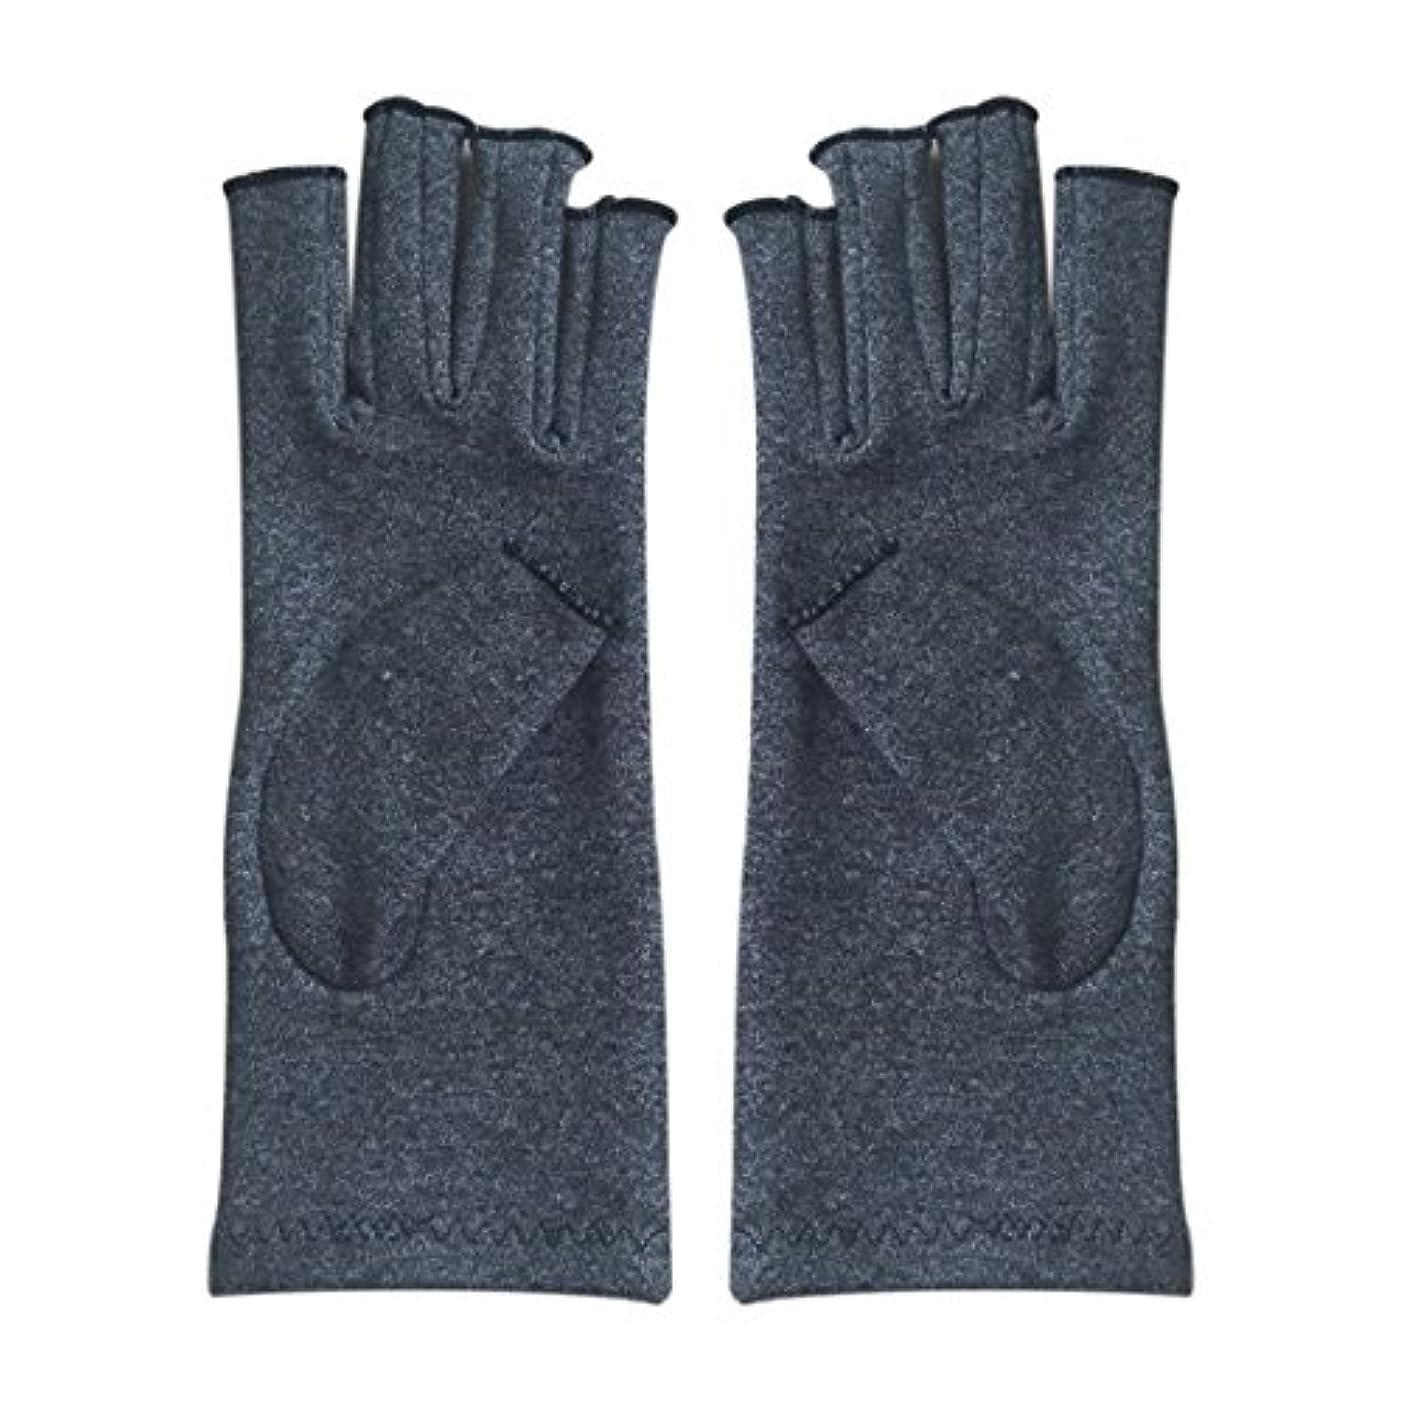 Cikuso 1ペア成人男性女性用弾性コットンコンプレッション手袋手関節炎関節痛鎮痛軽減S -灰色、S